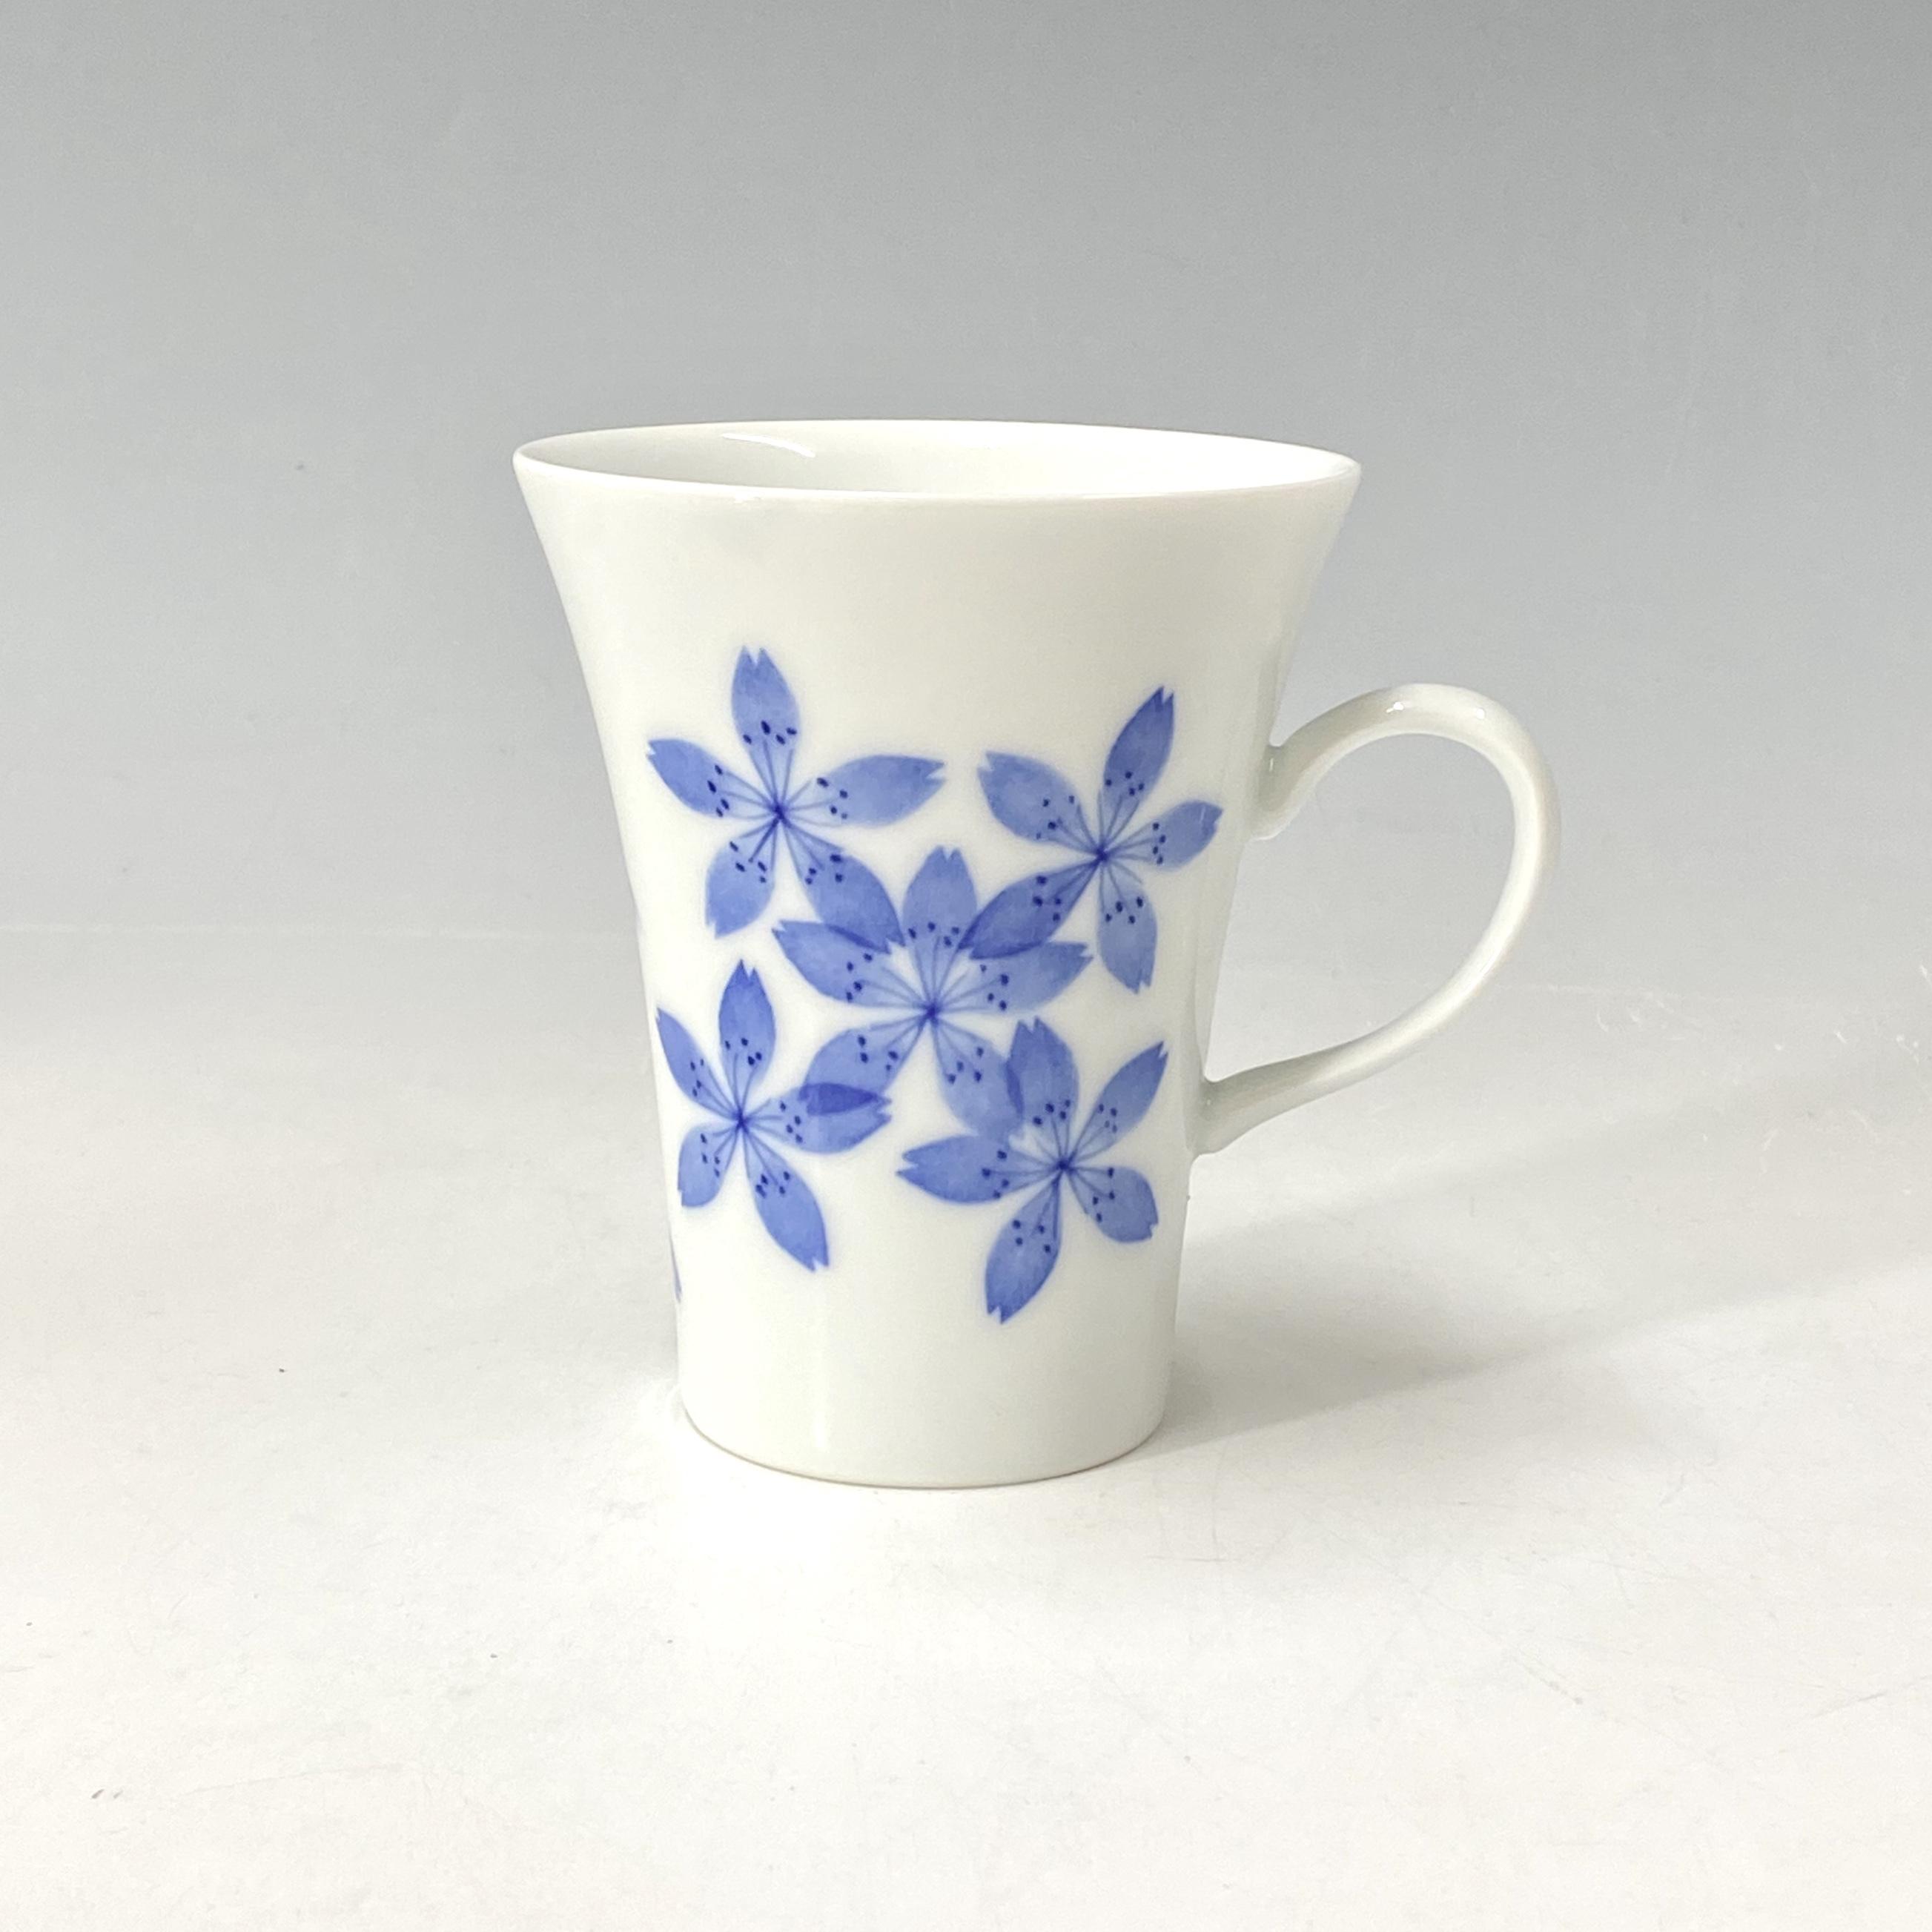 【中尾英純】和紙染桜マグカップ